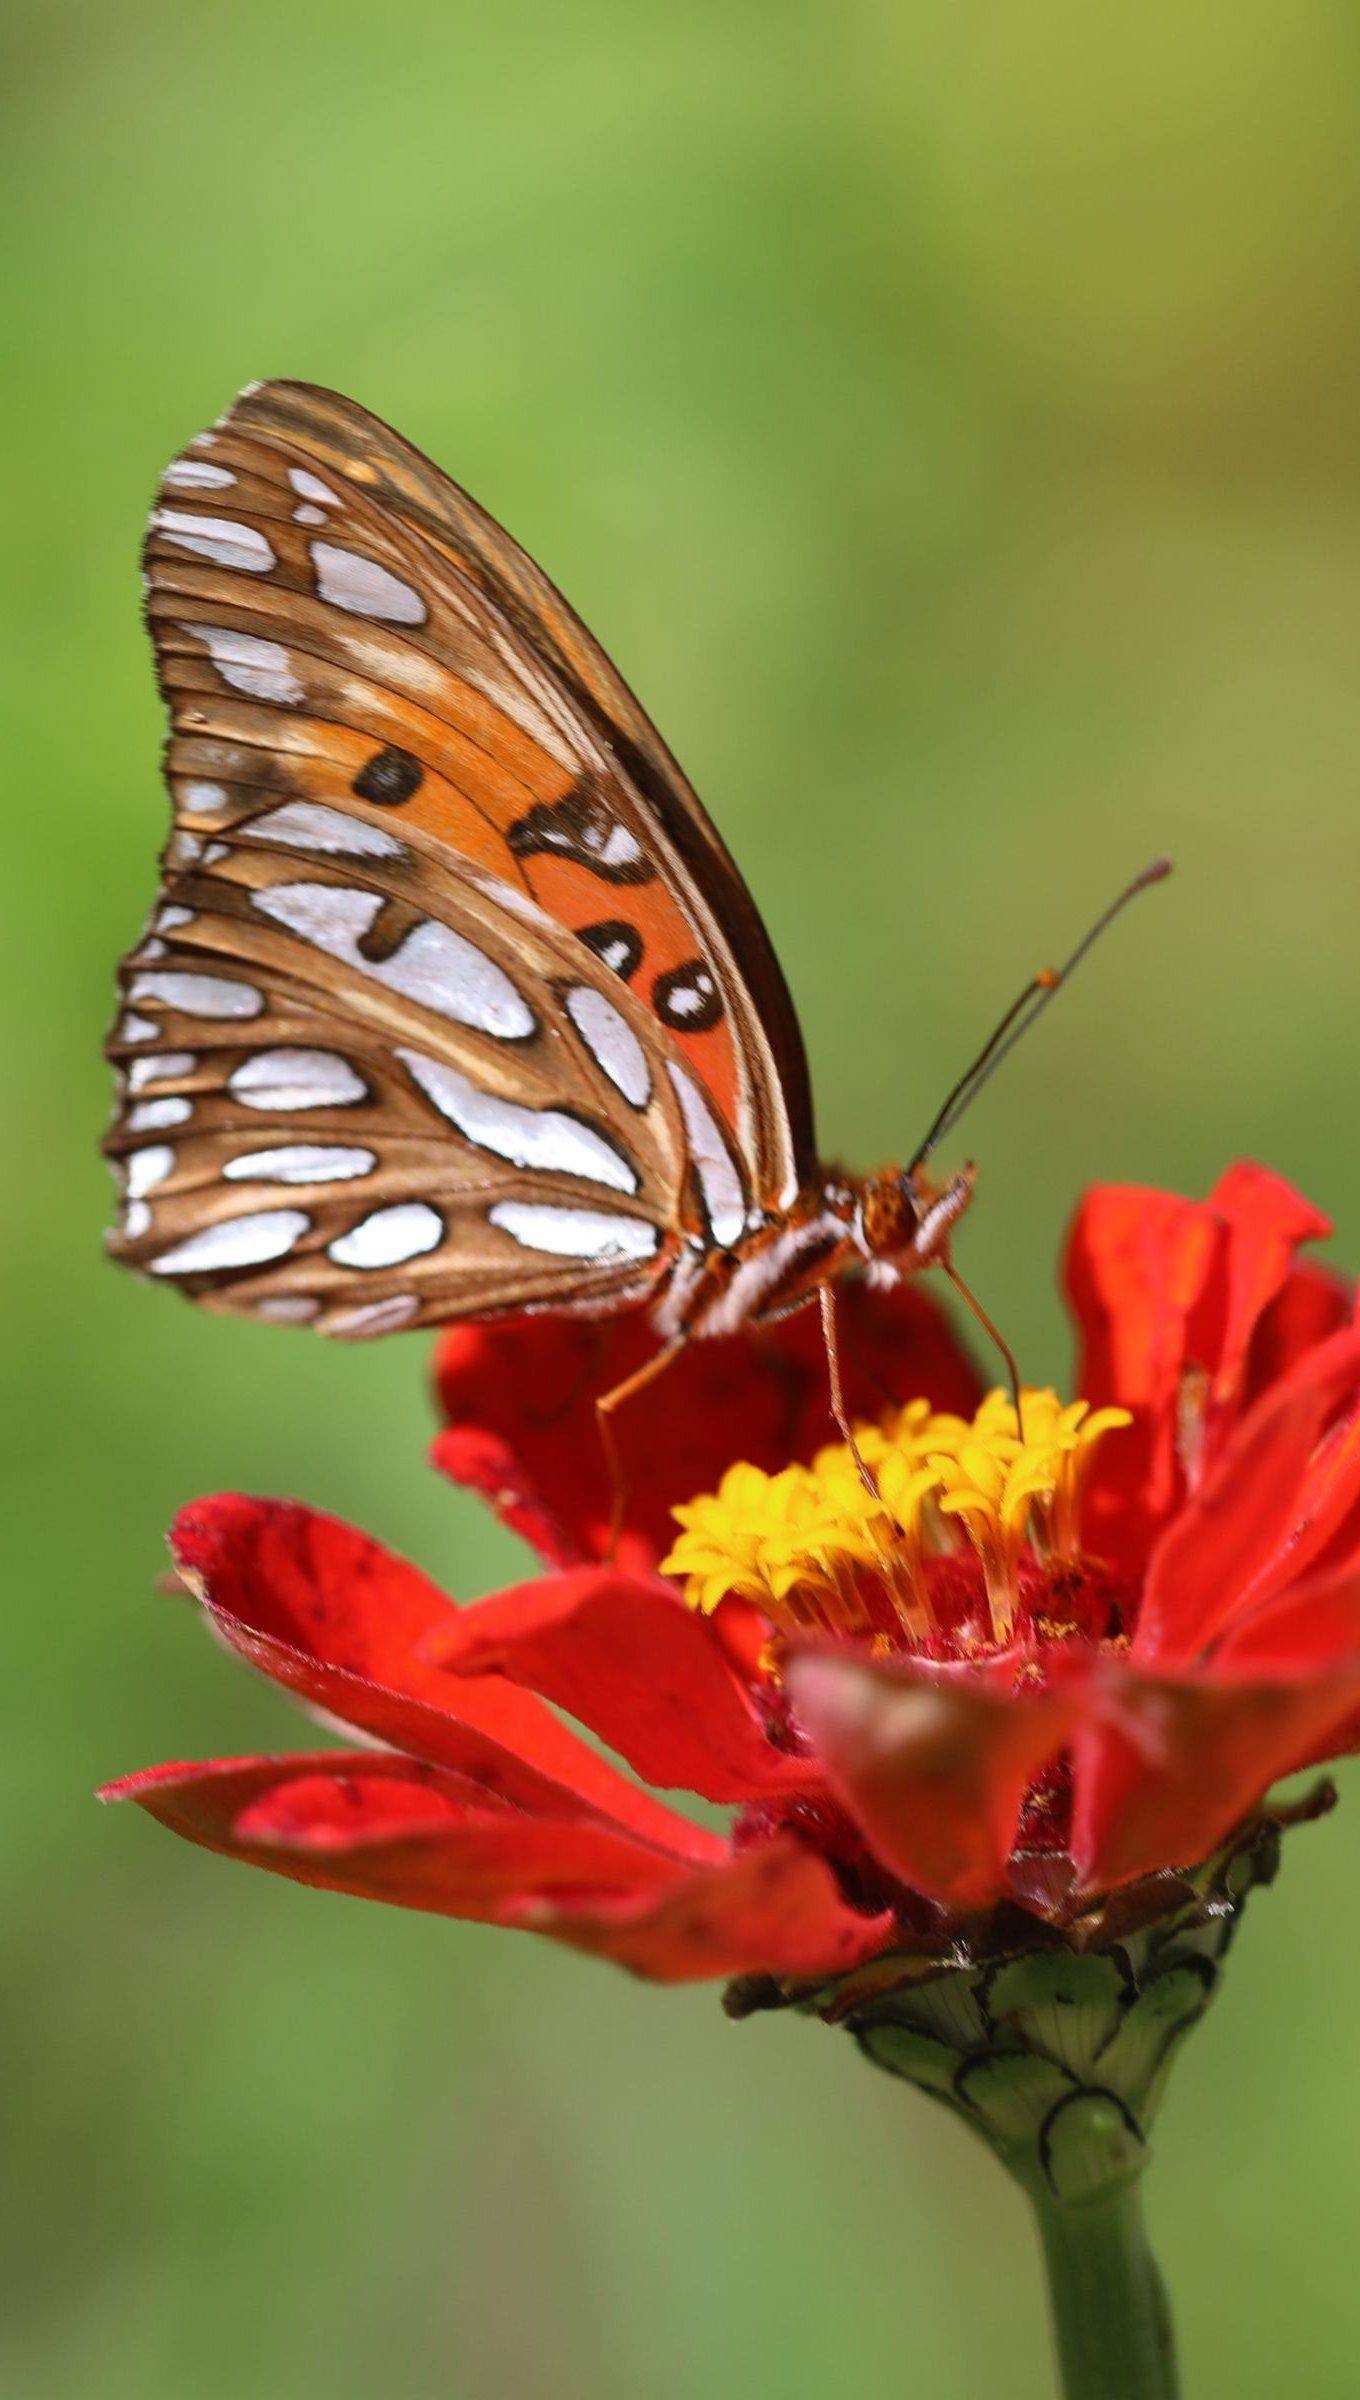 Fondos de pantalla Mariposa en flor roja Vertical